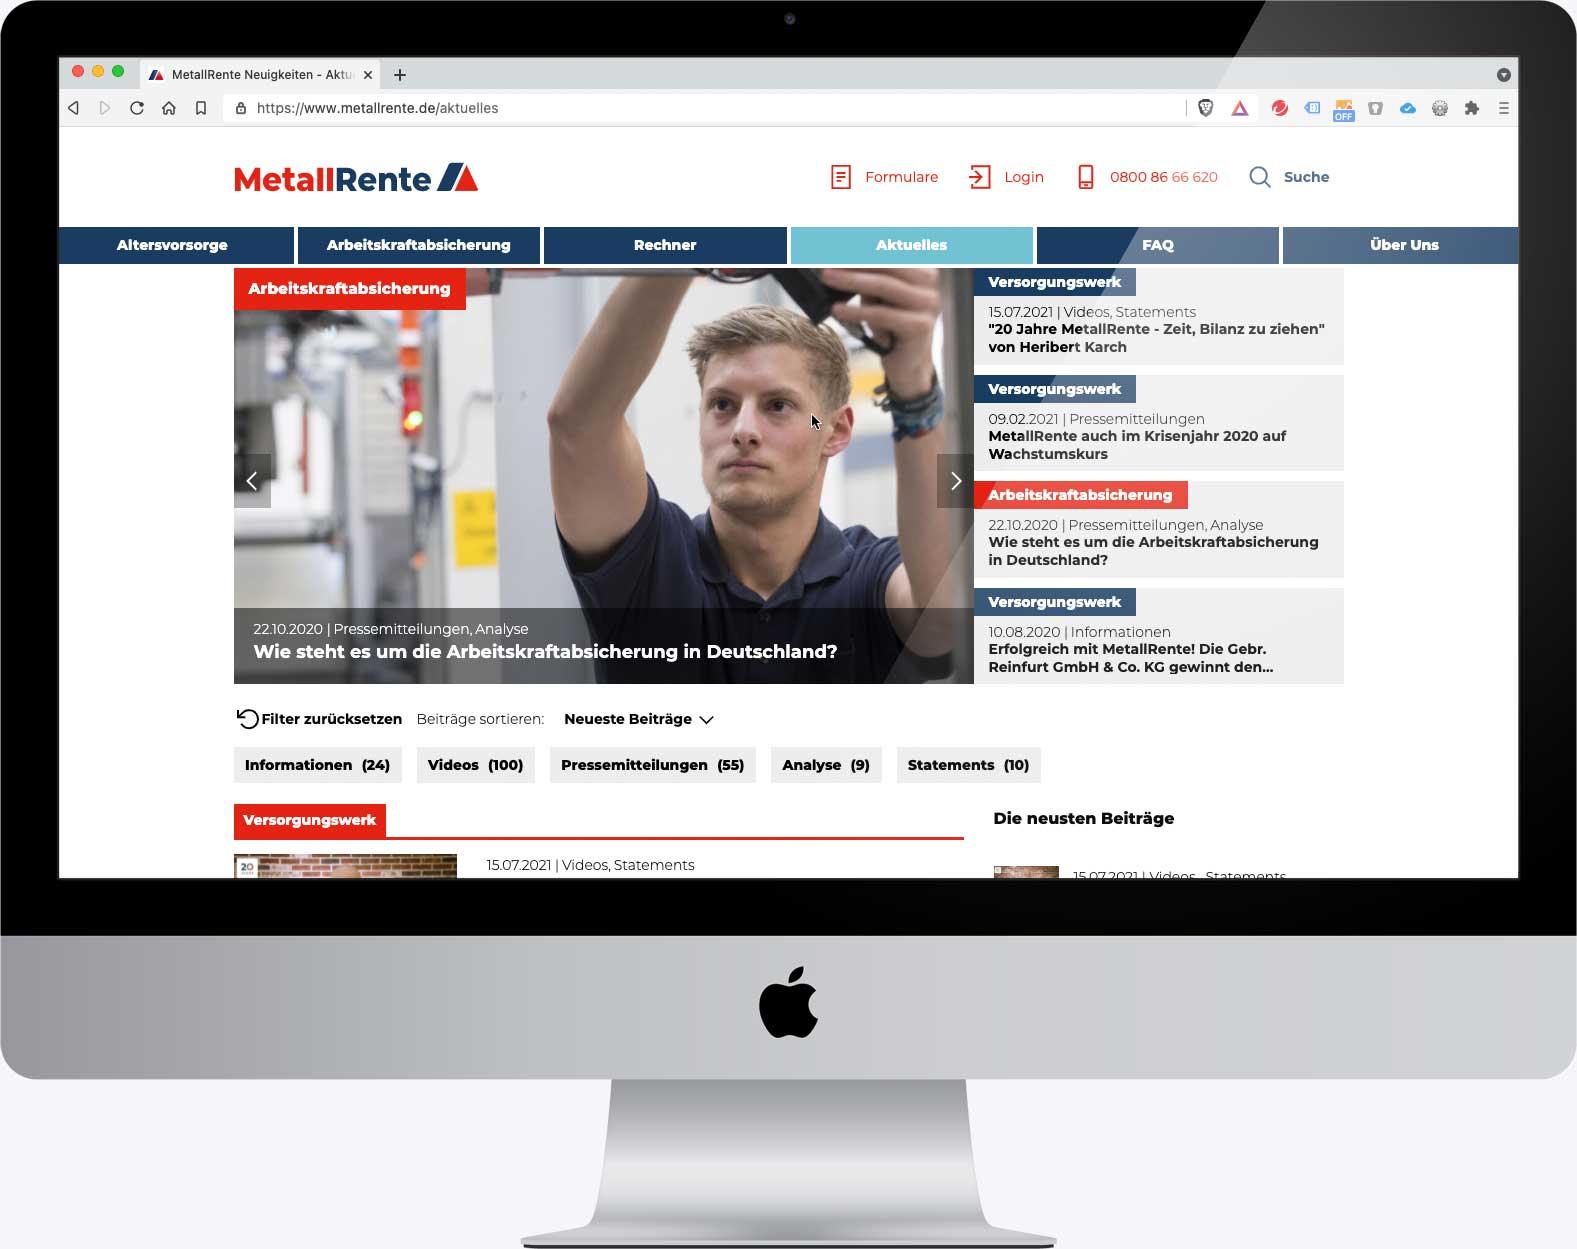 """Darstellung des Bereichs """"Aktuelles"""" in der Internetseite www.metallrente.de"""